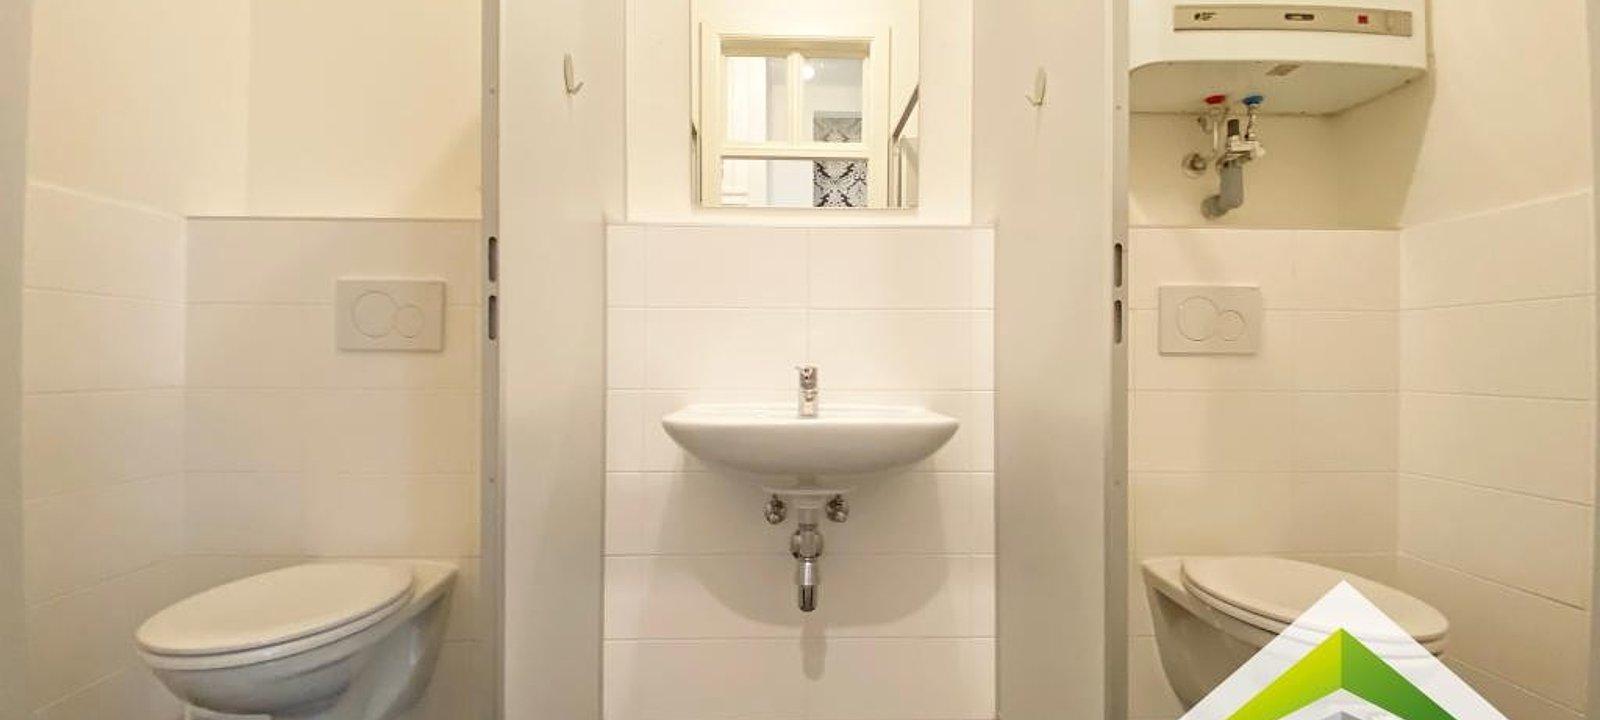 2x WC